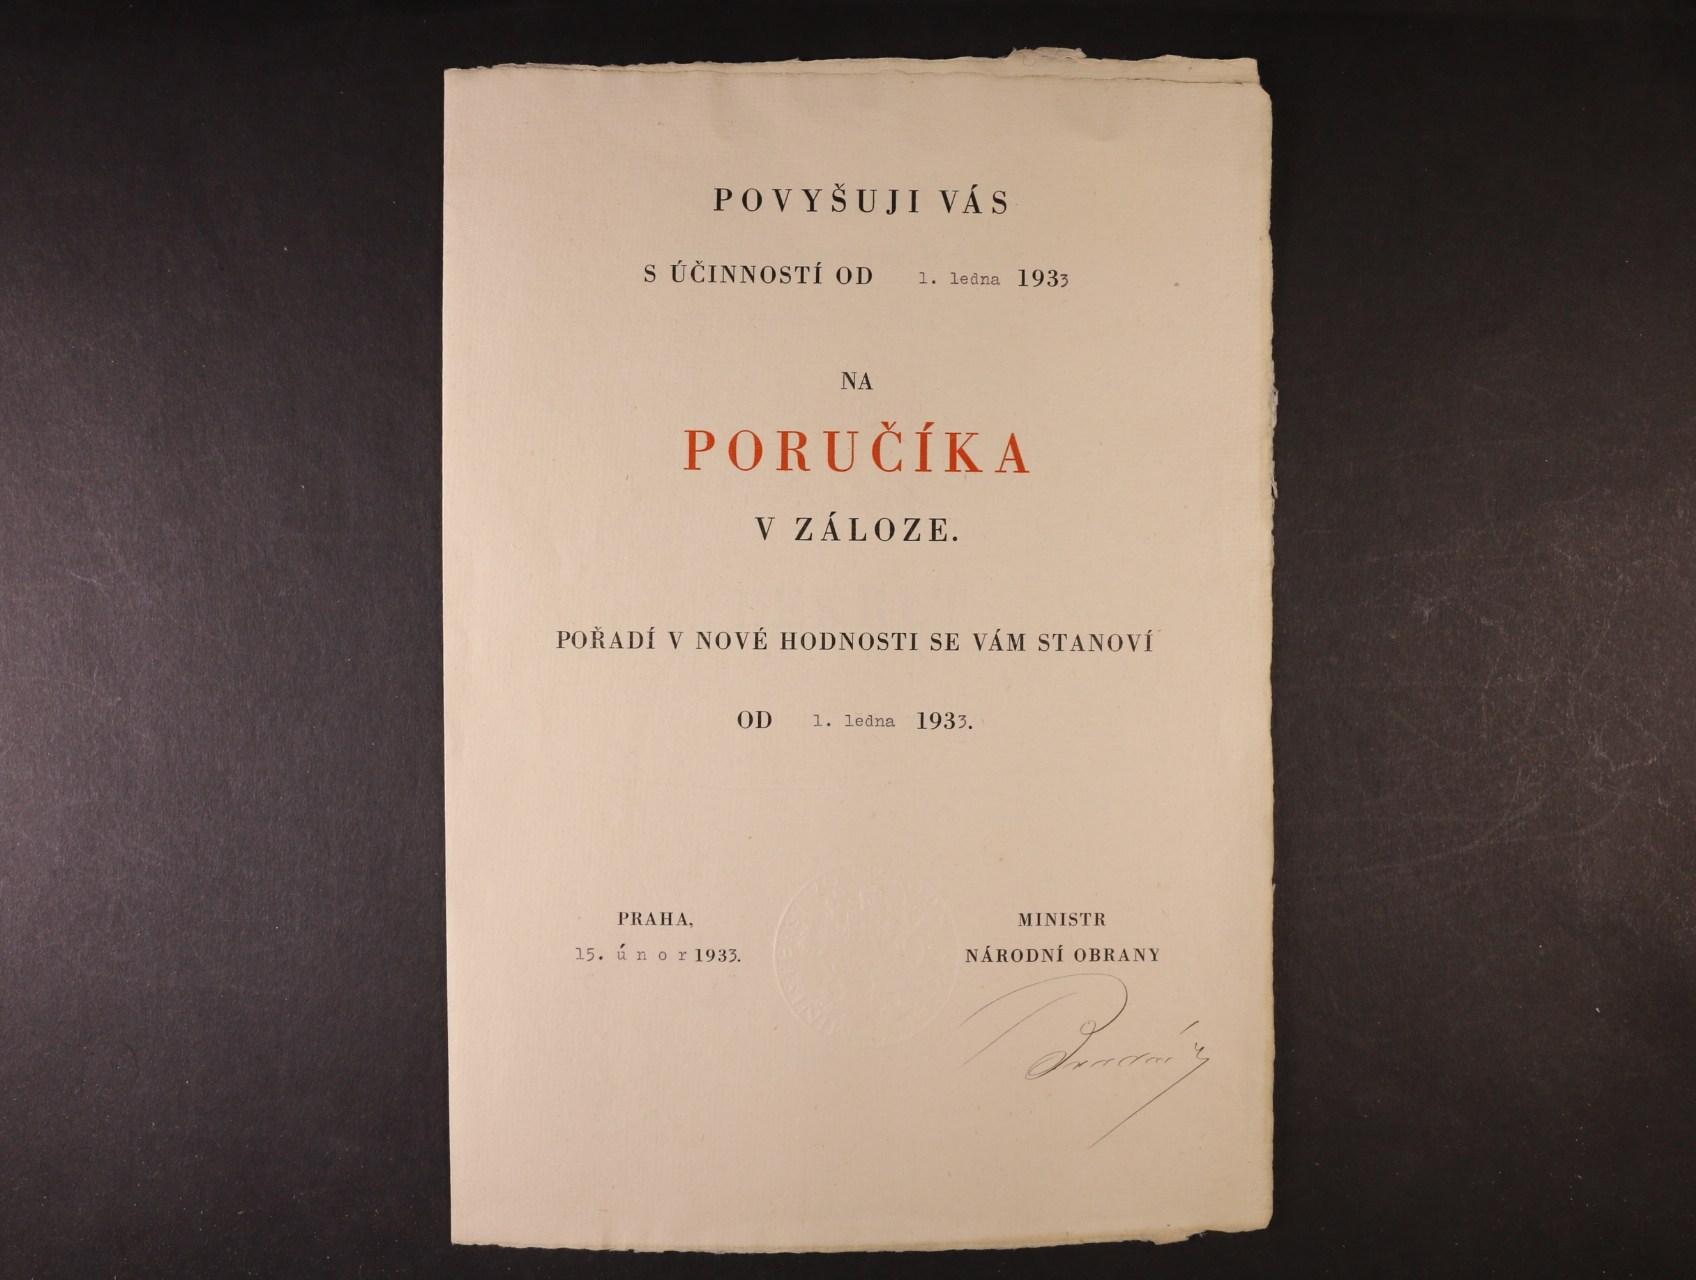 Bradáč Bohumír 1881 - 1937, politik, poslanec, ministr nár. obrany - povyšovací dekret na poručíka v záloze z r. 1933 s vlastnoručním podpisem